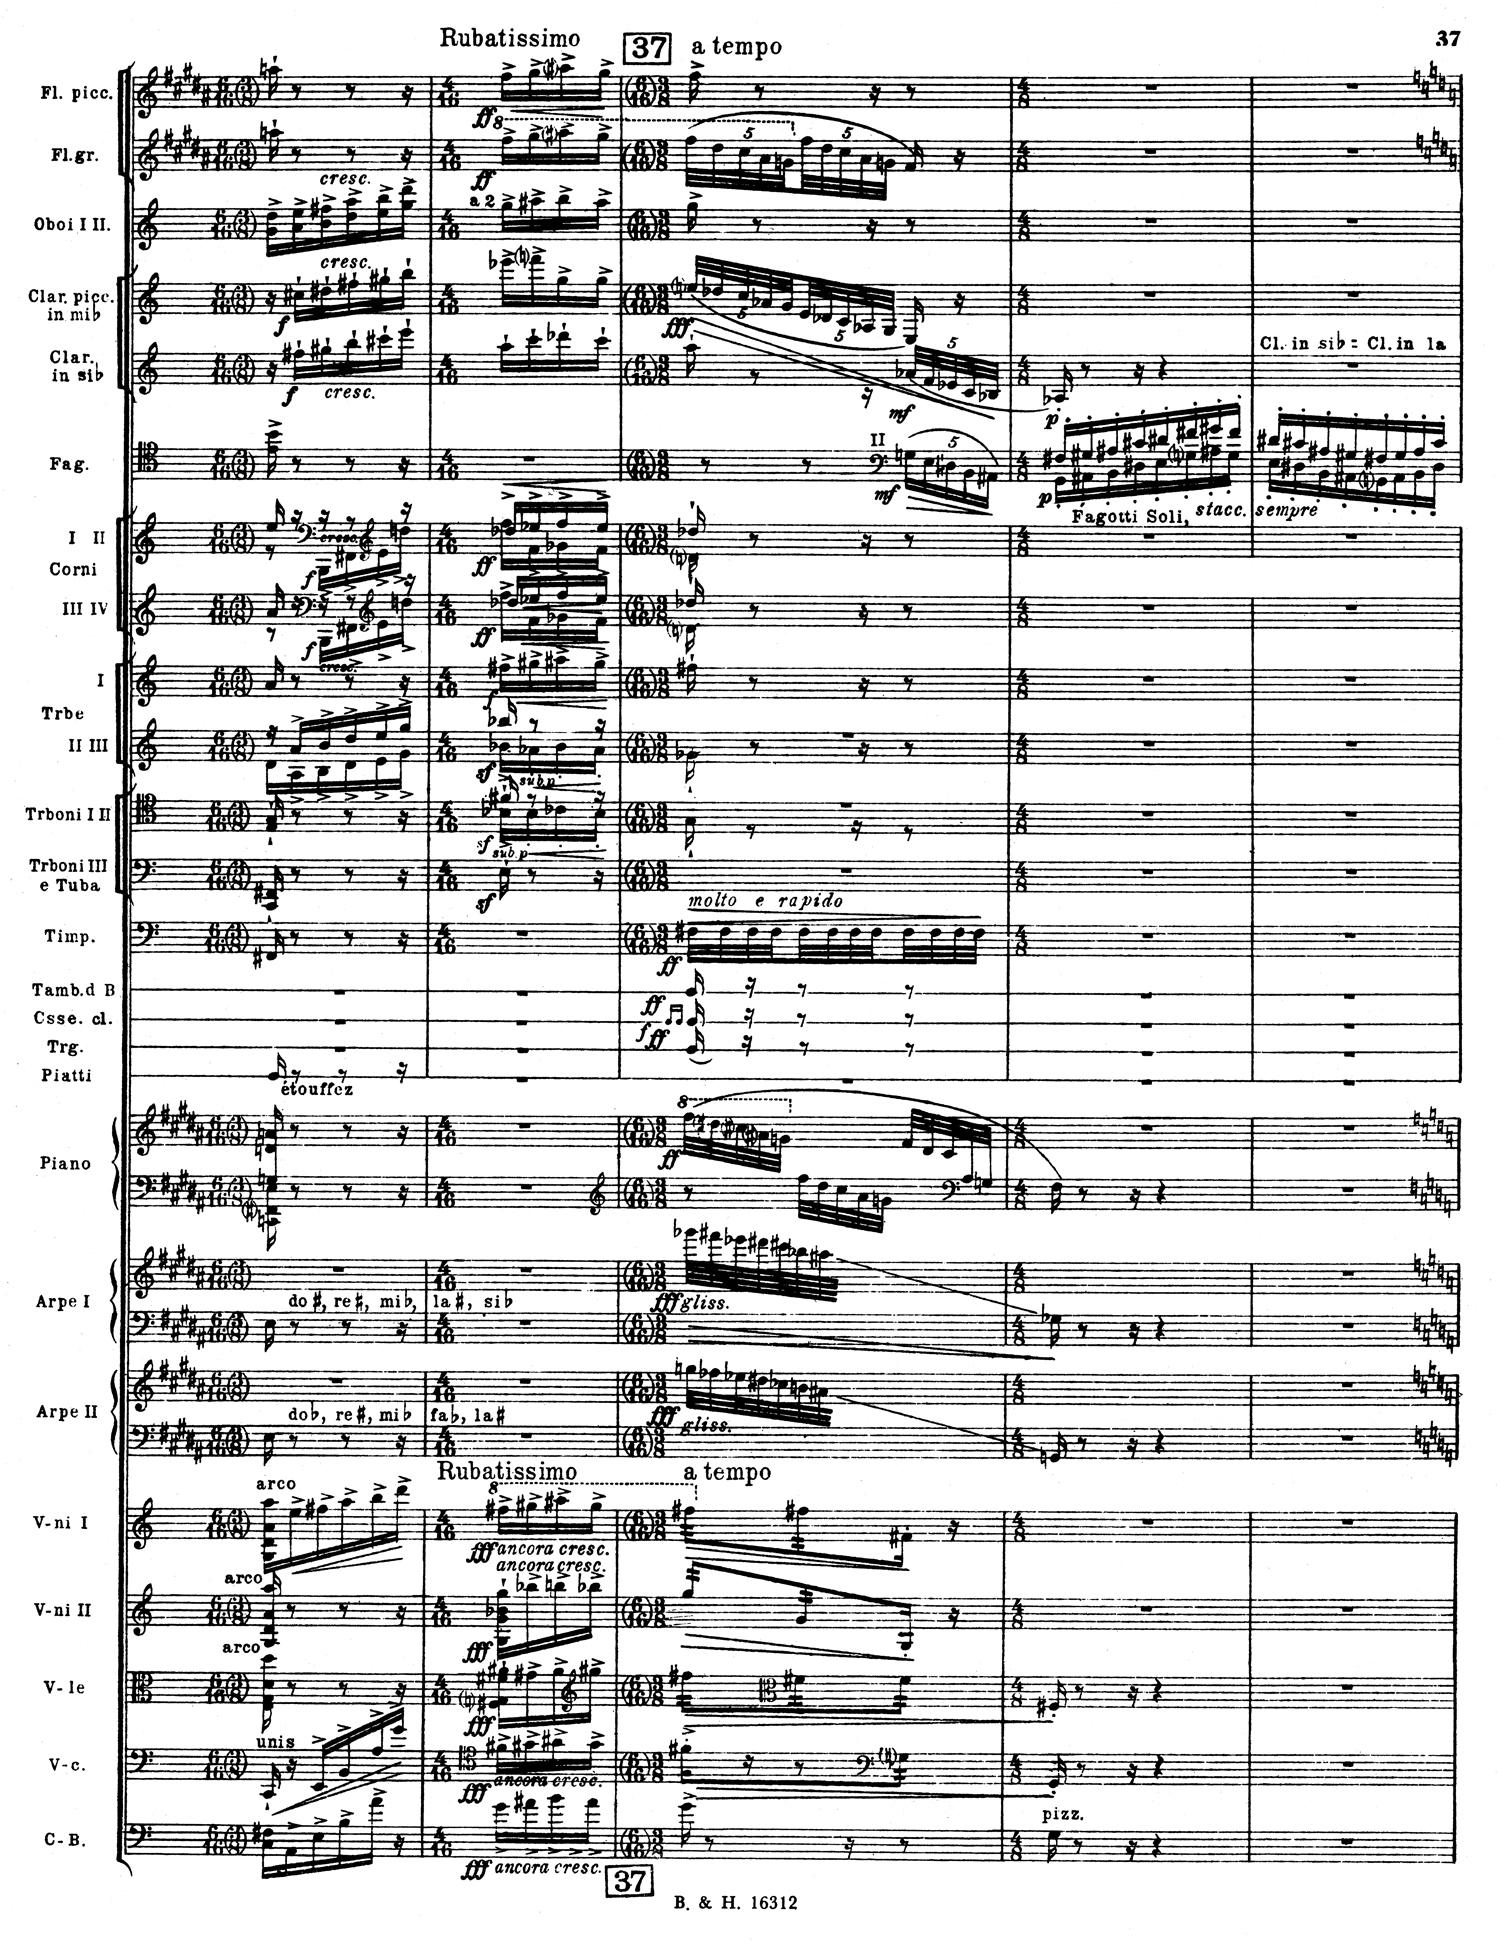 Nightingale Score 5.jpg